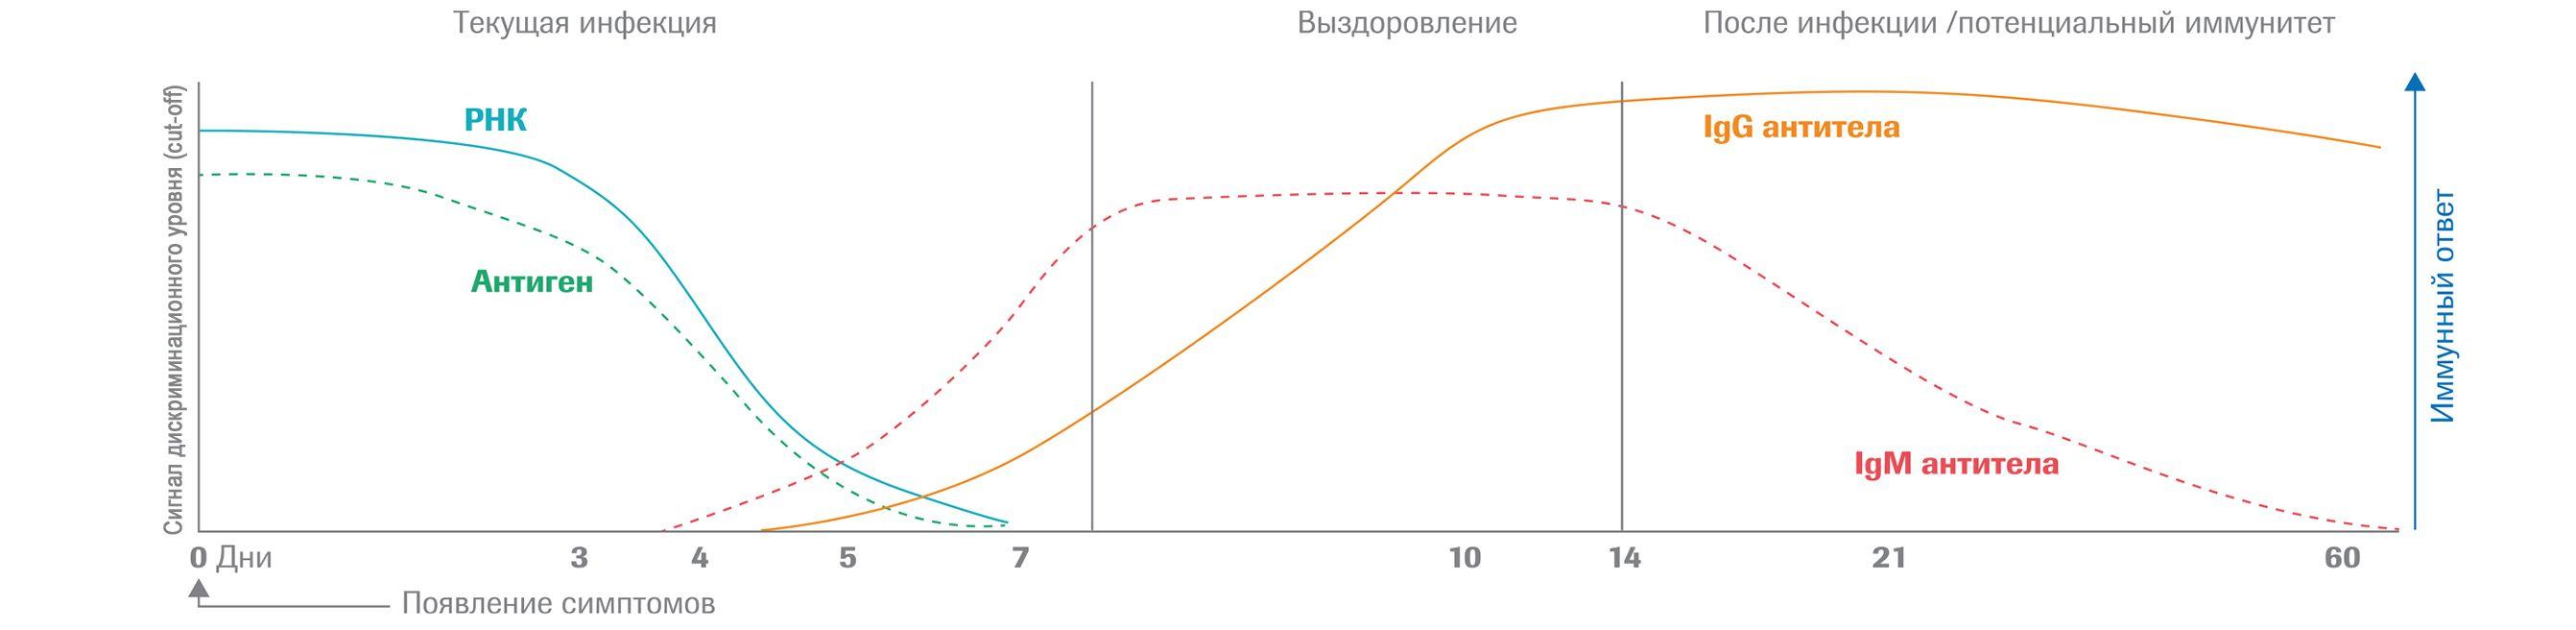 Схематическое представление маркеров в инфекции SARS-CoV-2